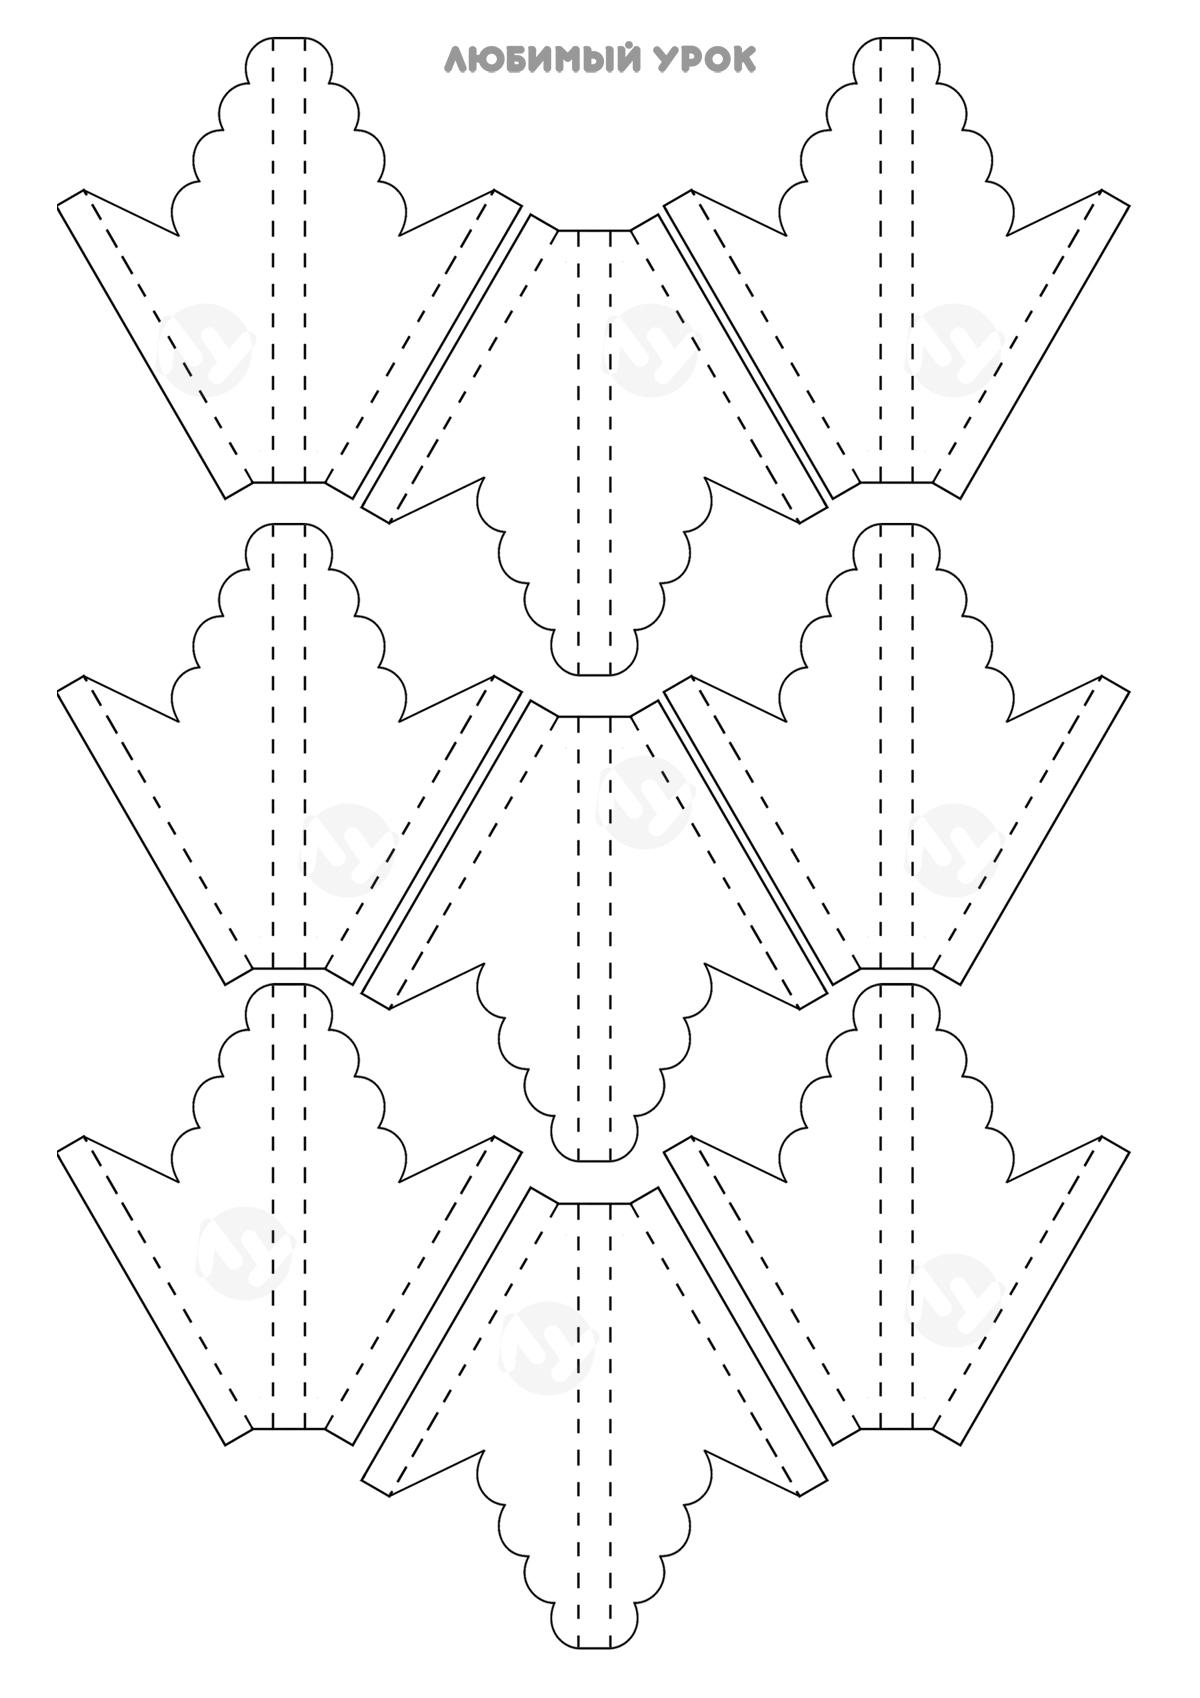 Аппликация гвоздика из бумаги своими руками